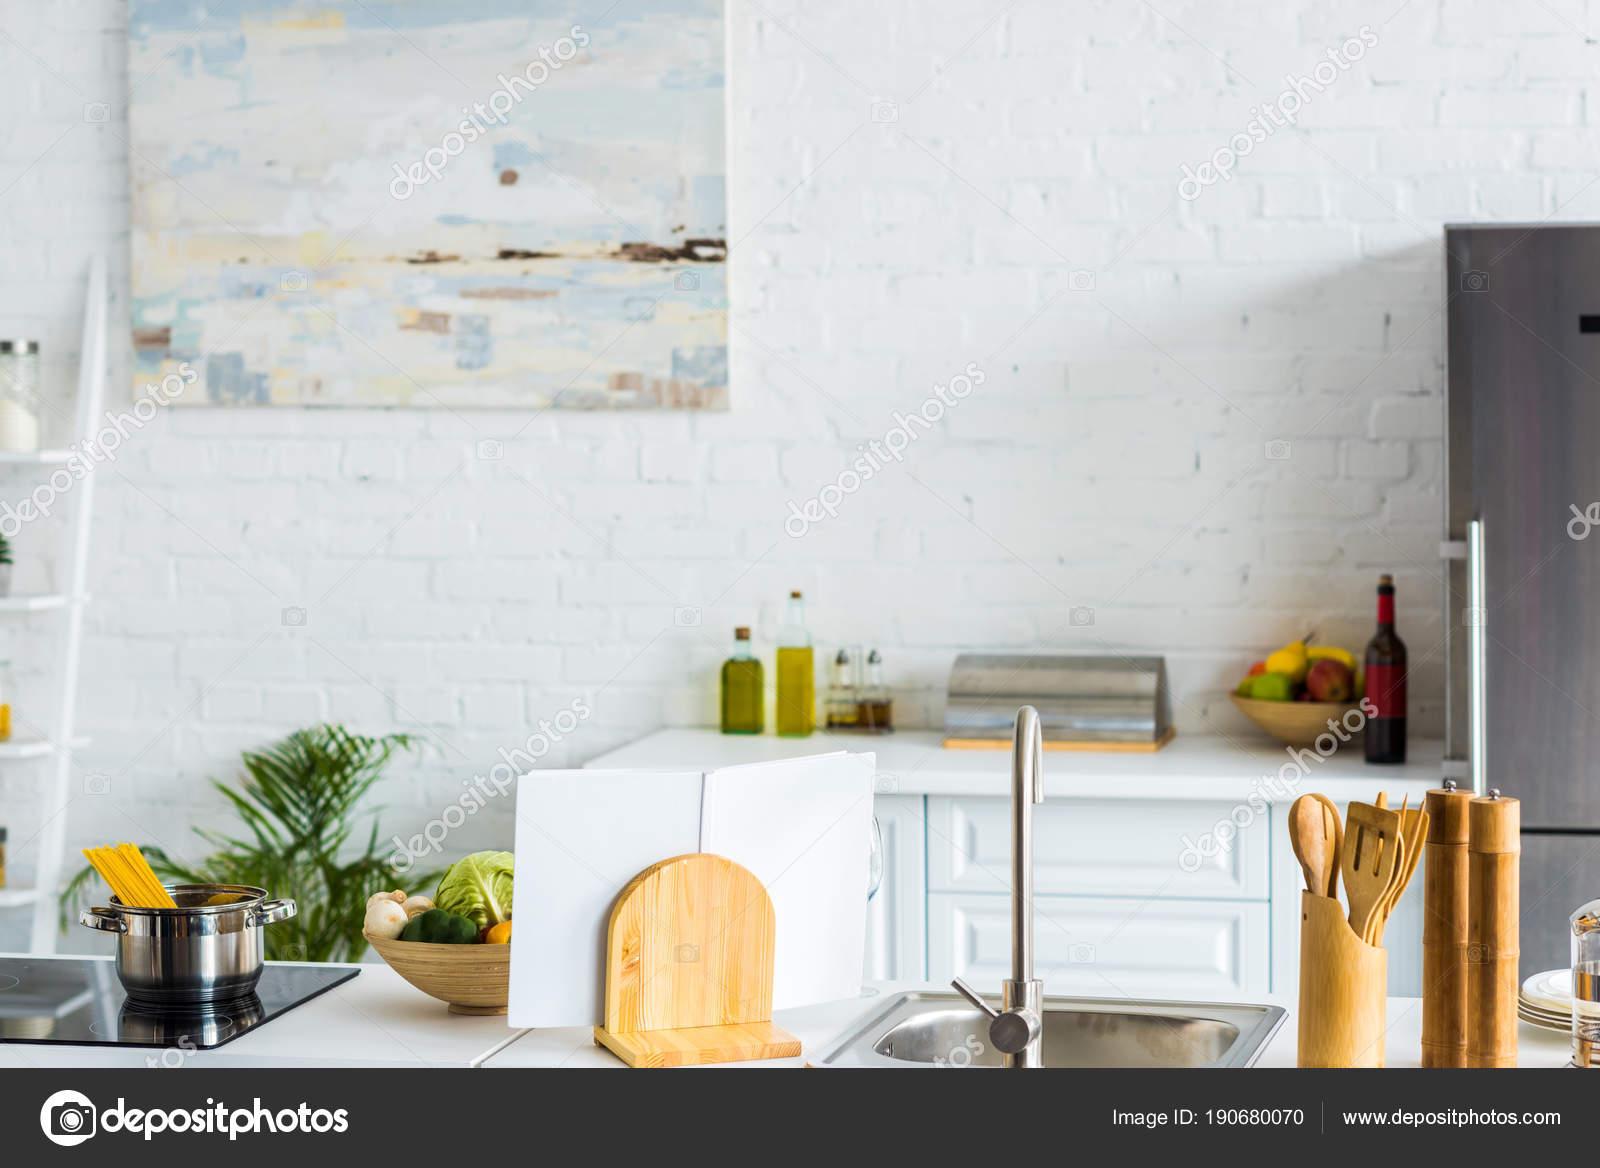 Innenraum Der Moderne Leichte Küche Mit Farbe Auf Wand — Stockfoto ...